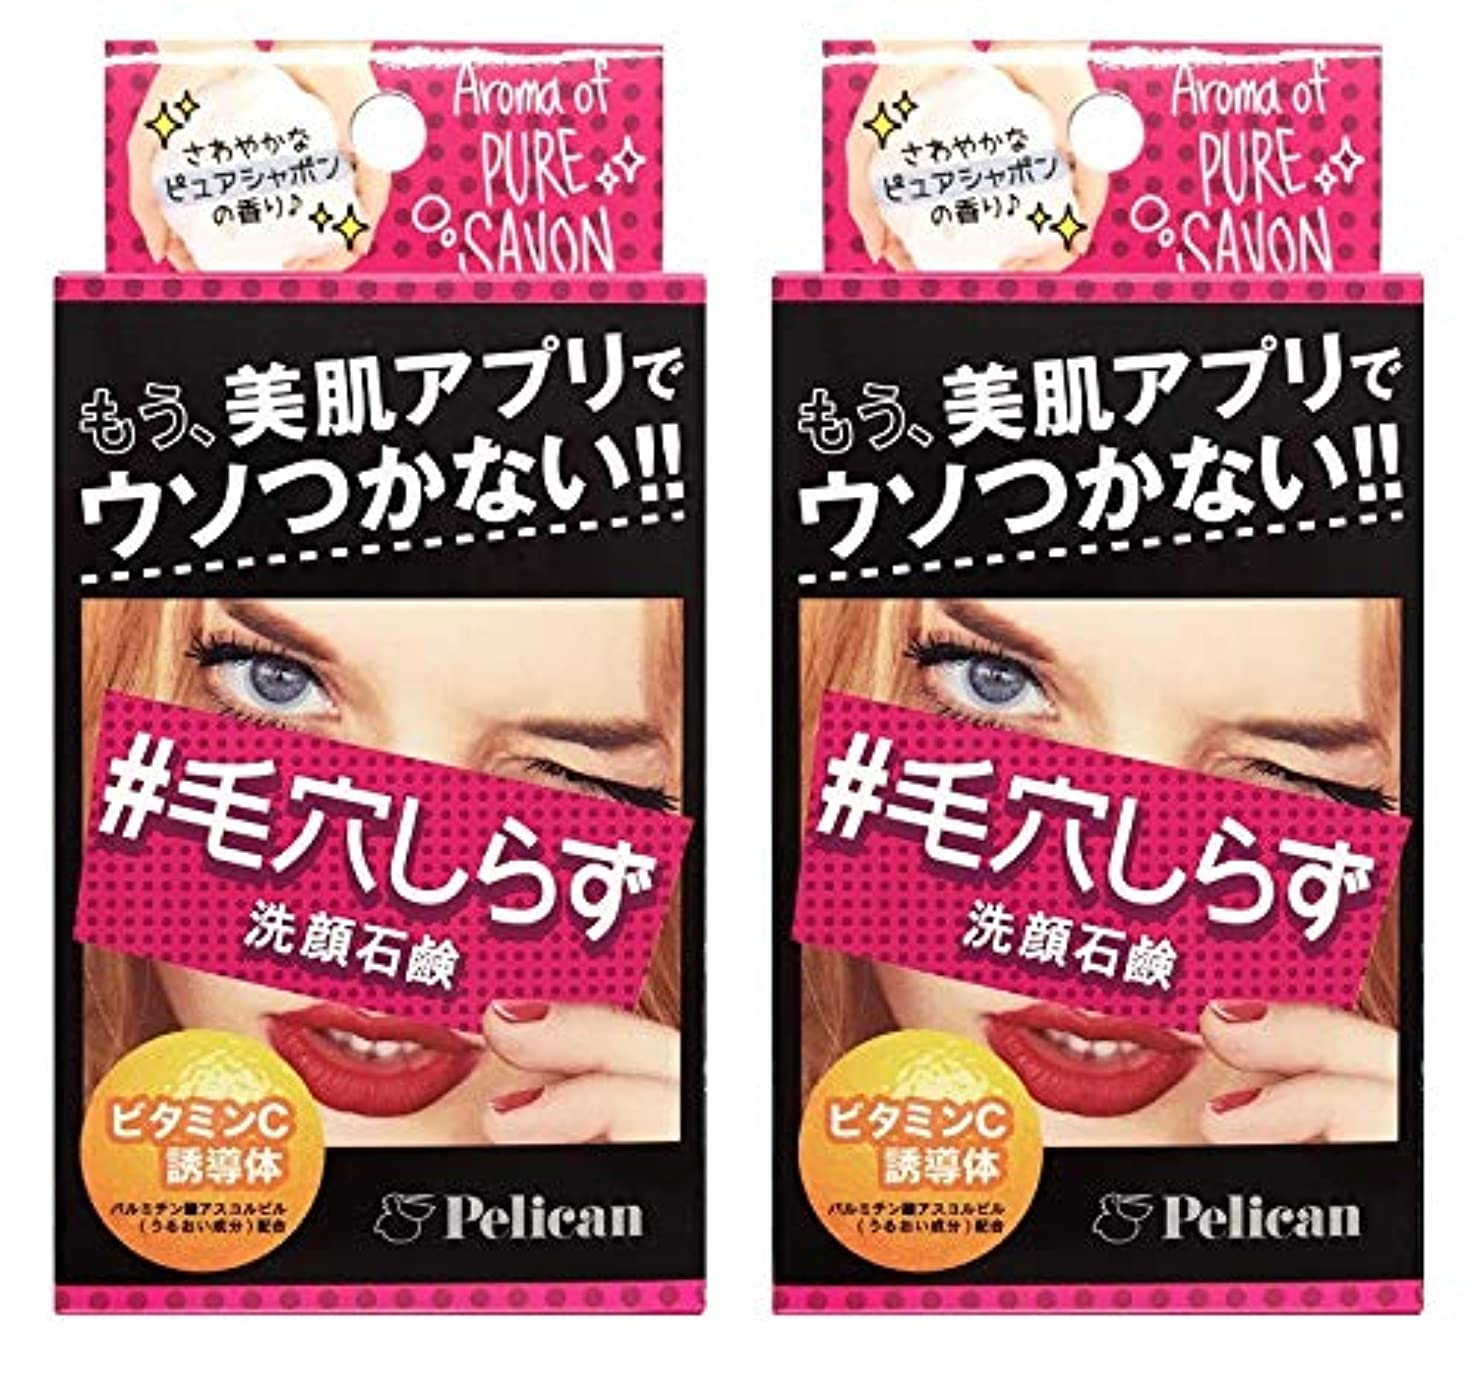 【2個セット】ペリカン石鹸 毛穴しらず洗顔石鹸 75g 【2個セット】